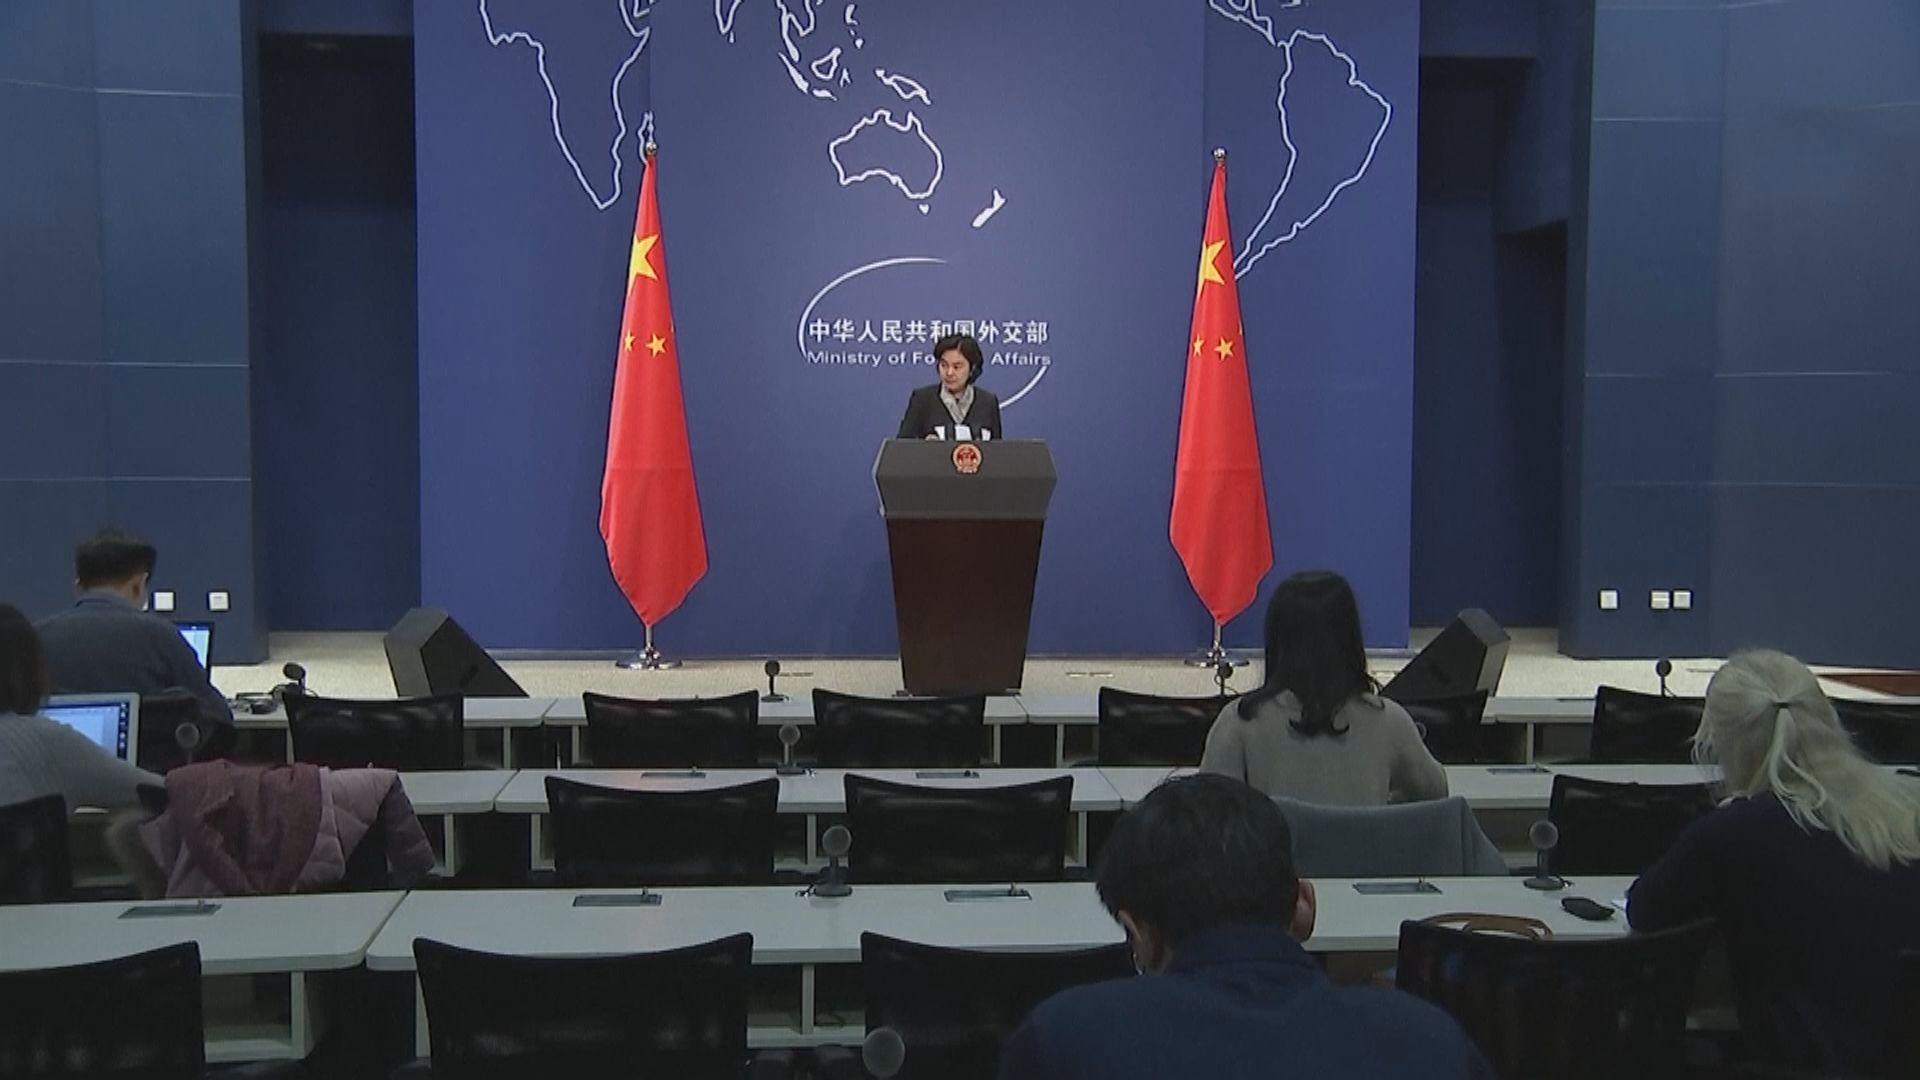 外交部:被扣留加國公民權利獲保障